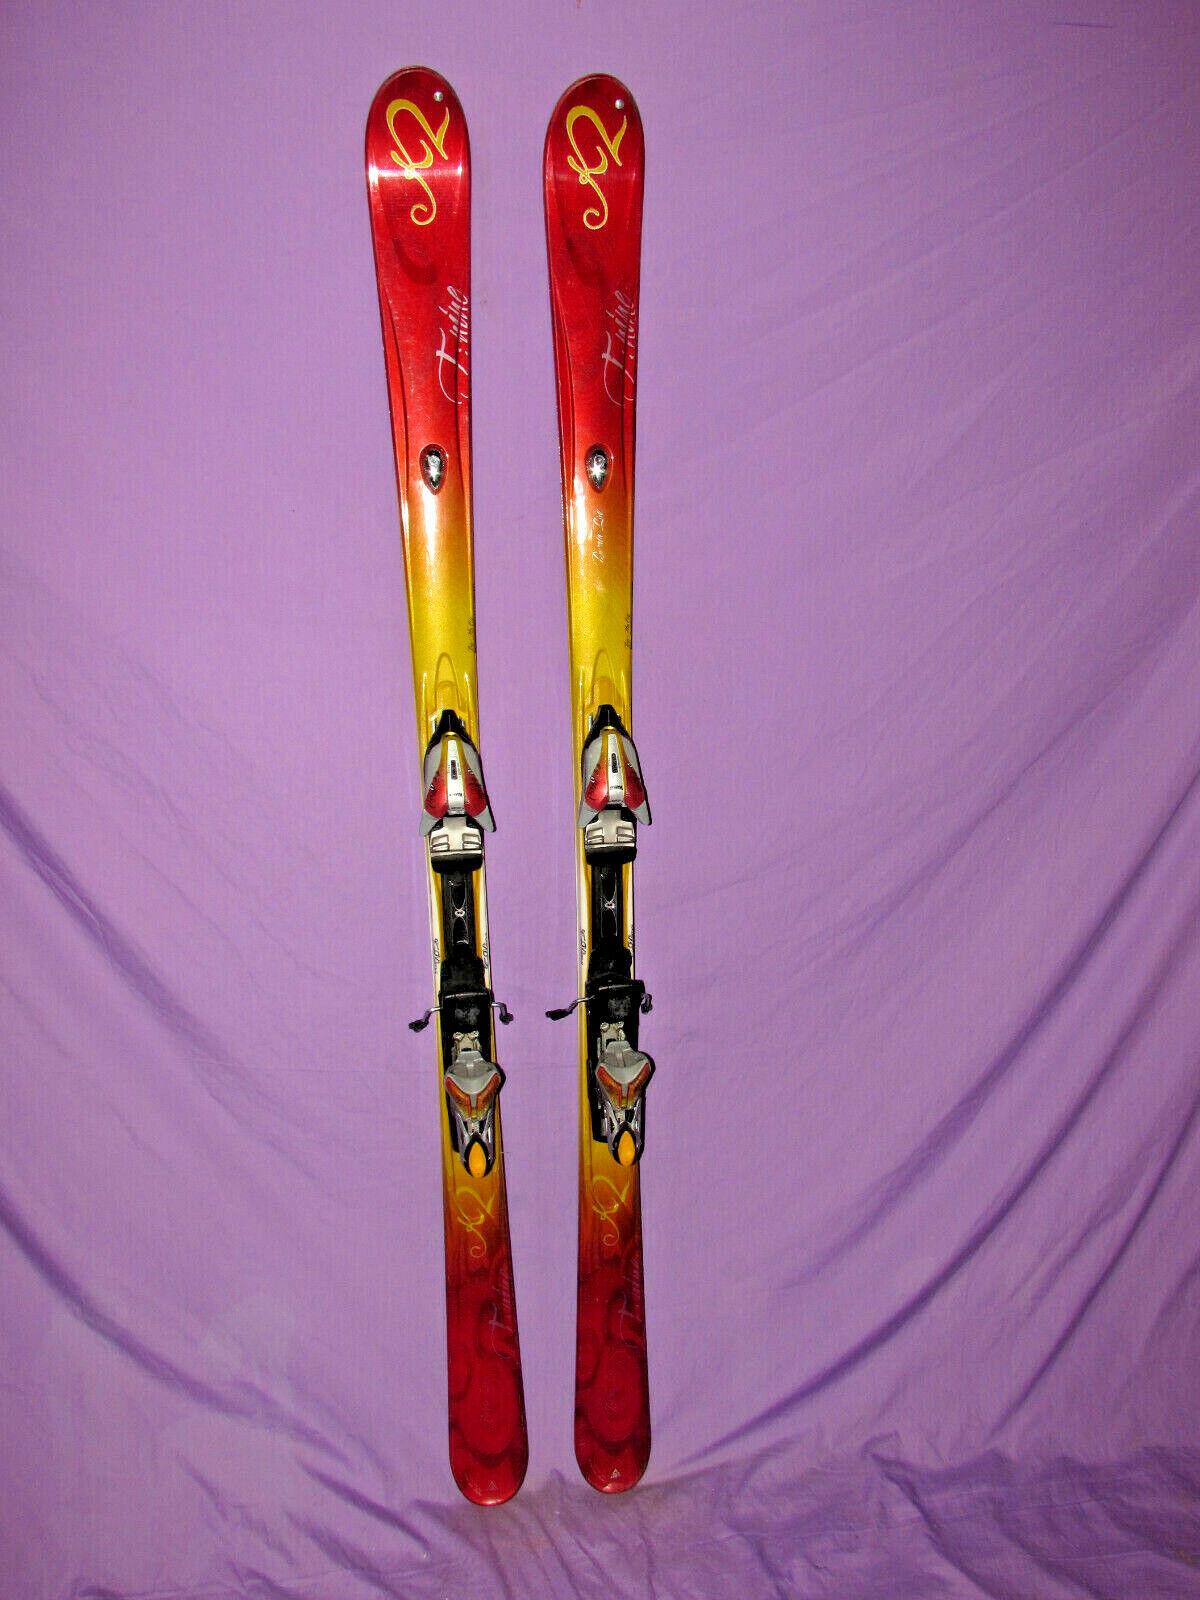 K2 burnin 'luv T  9 T9, 167cm W   marca 11.0, cinta de esquí mod - adj